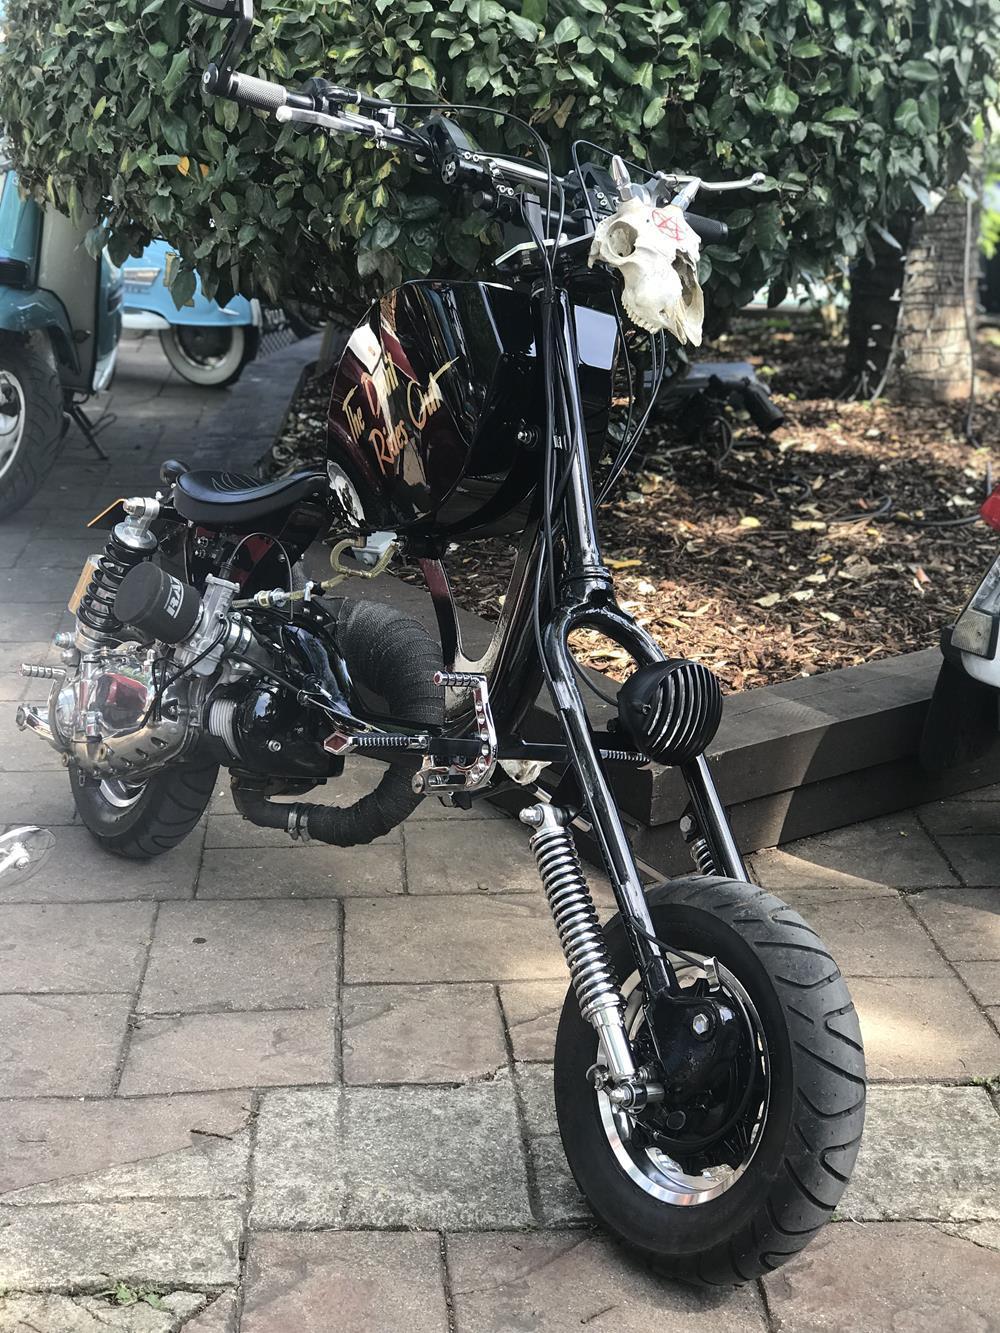 Lambretta chopper The Devil Rides Out with skull accessory